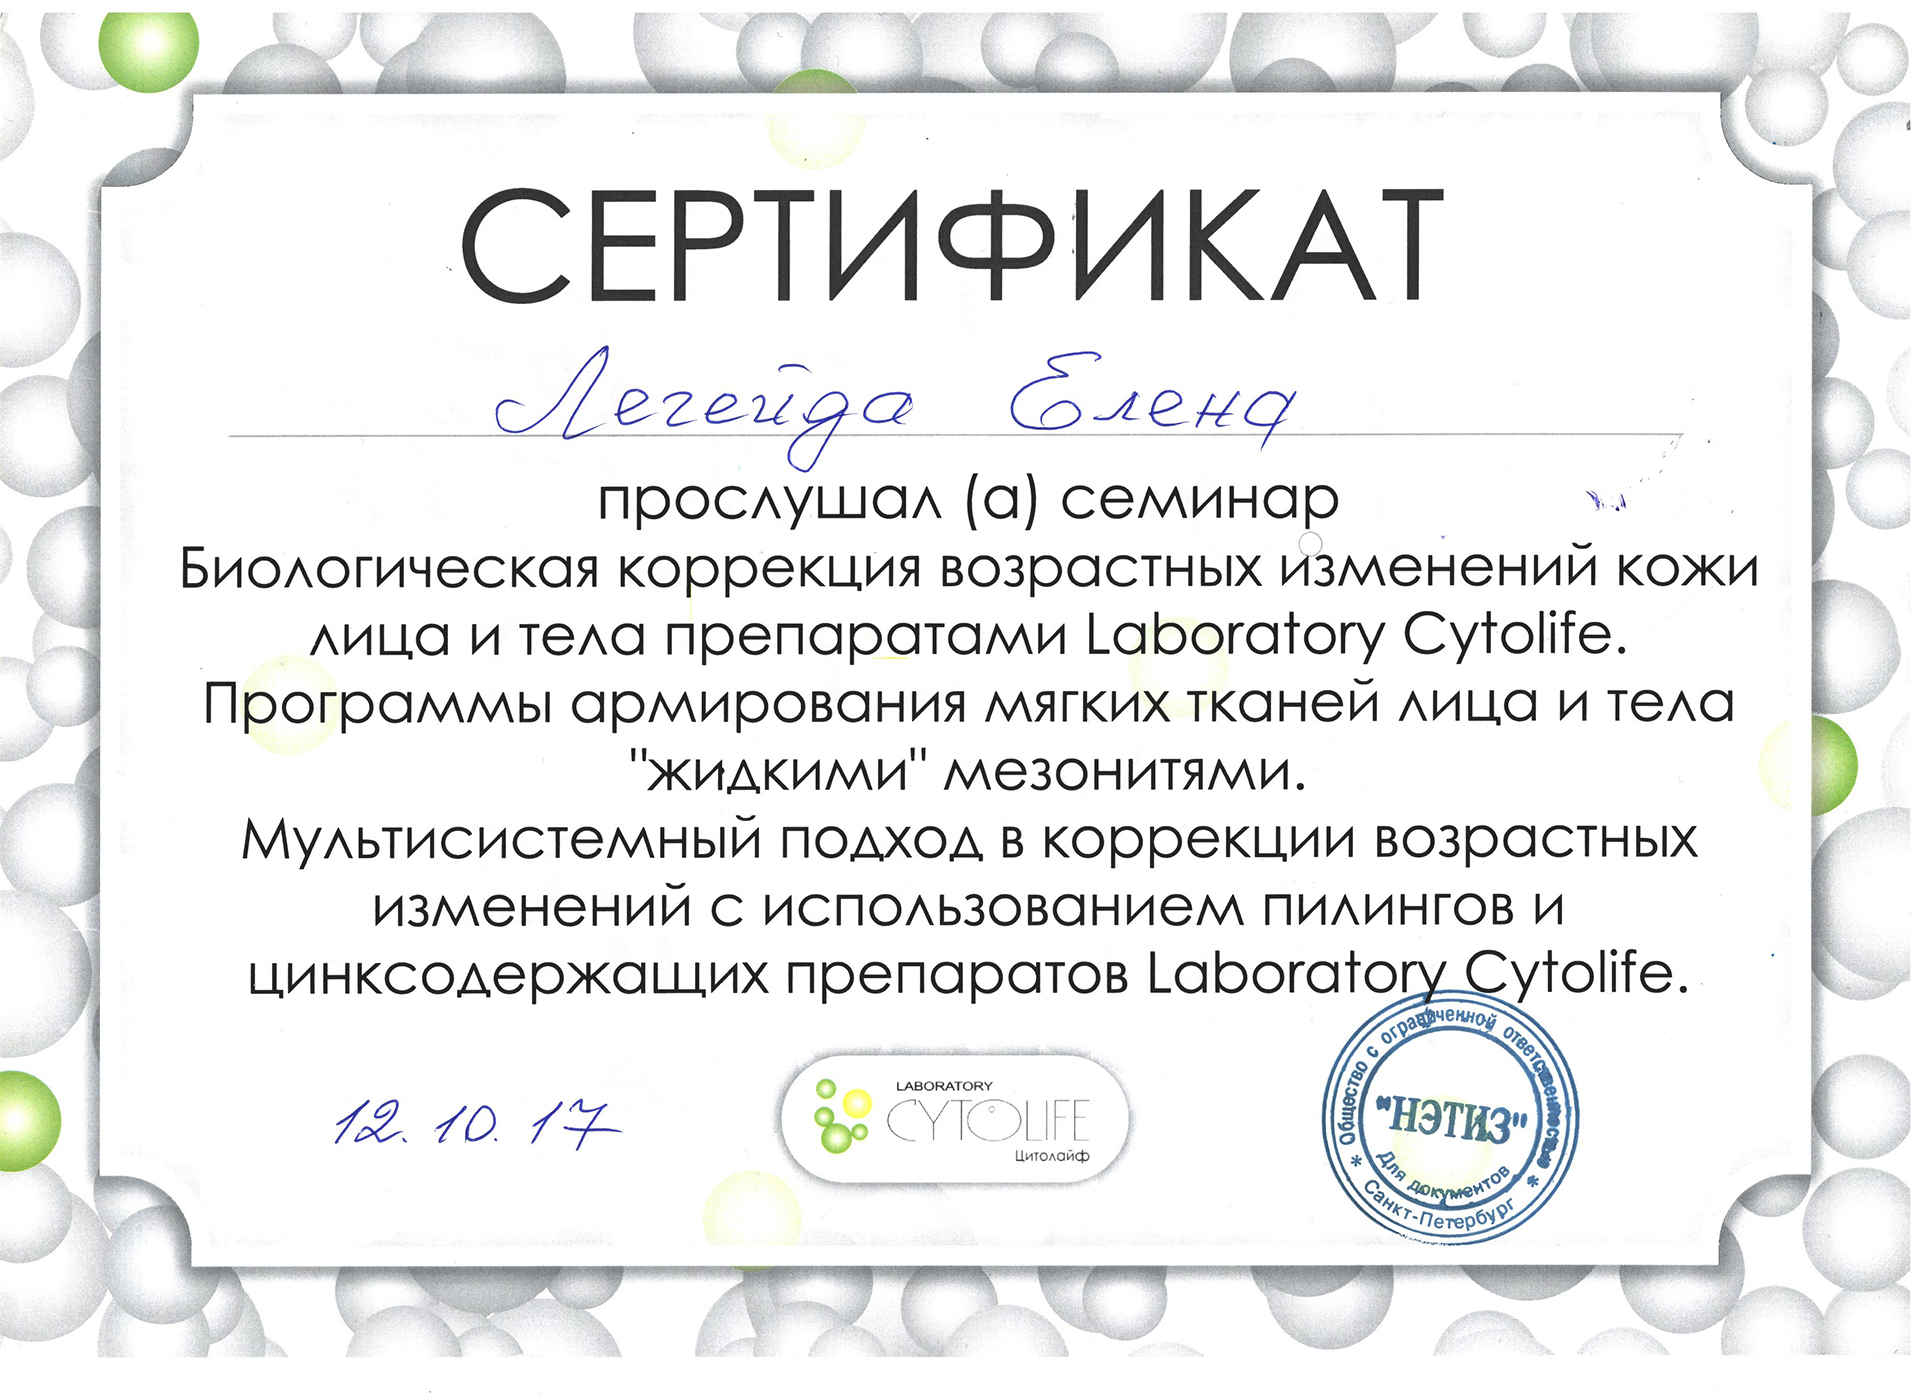 Сертификат — Семинар Биологическая коррекция. Легейда Елена Валерьевна